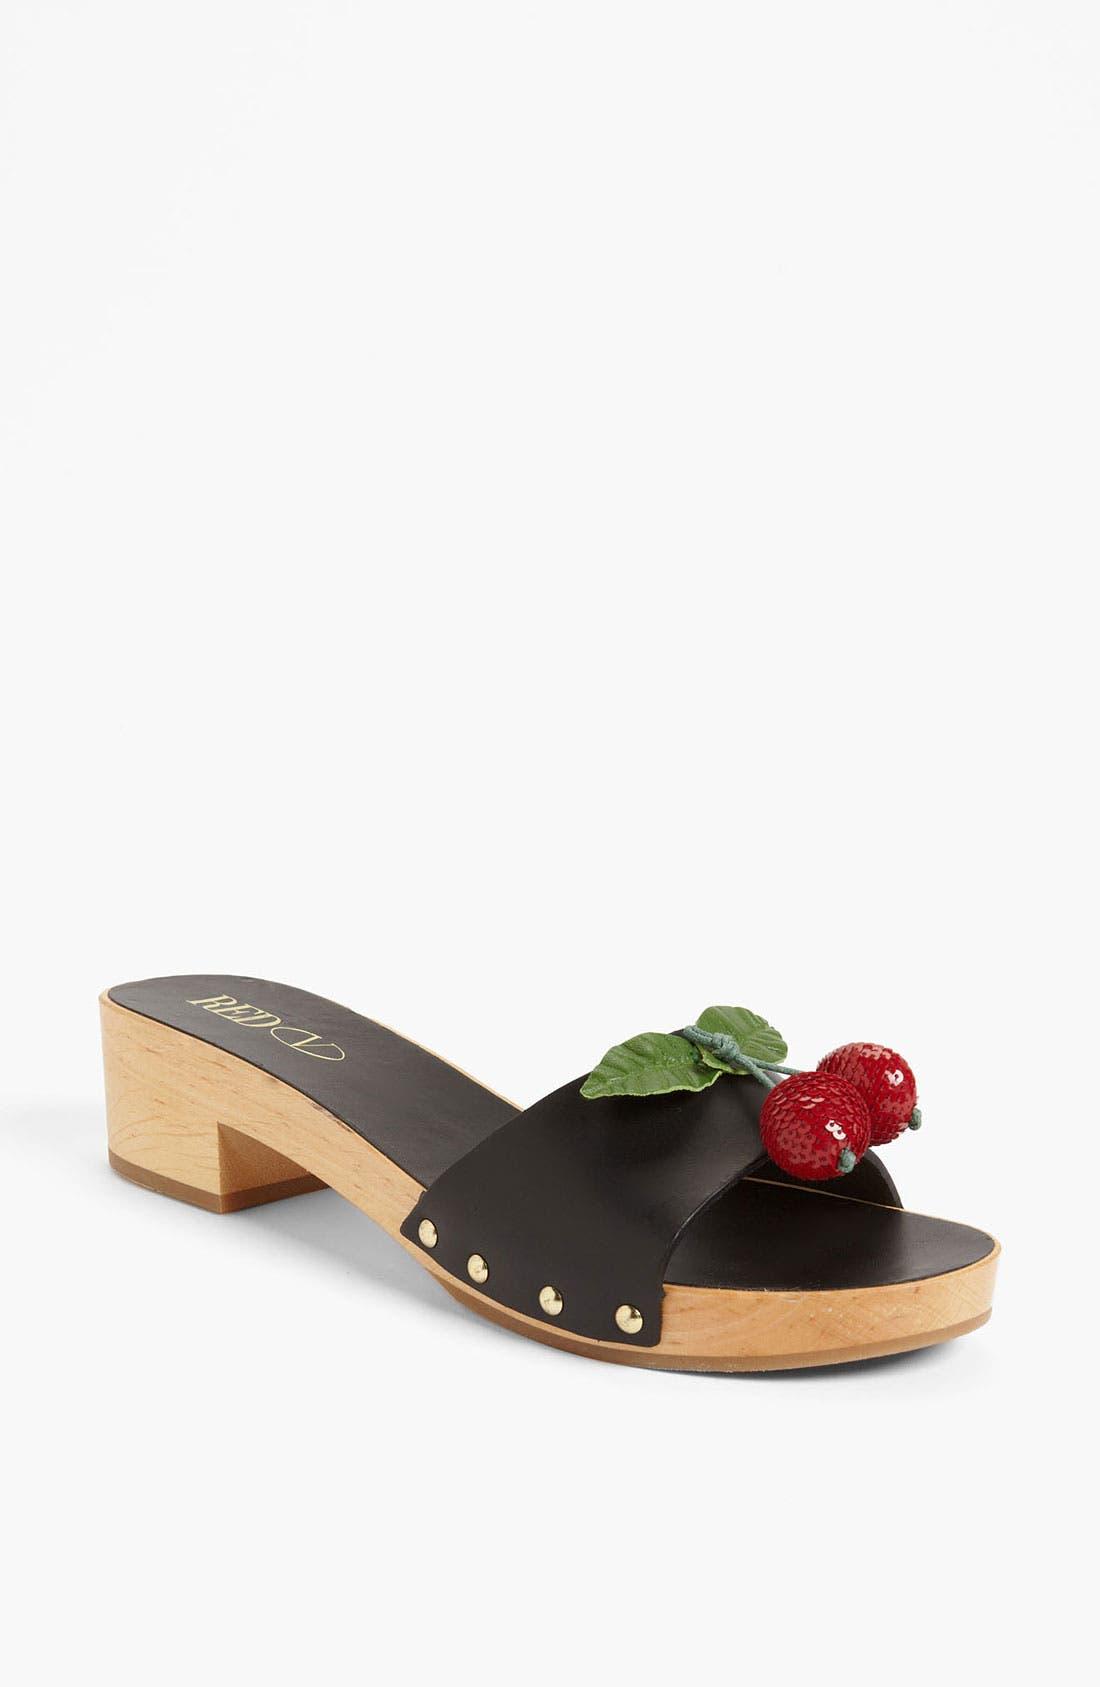 Main Image - RED Valentino 'Cherry' Sandal